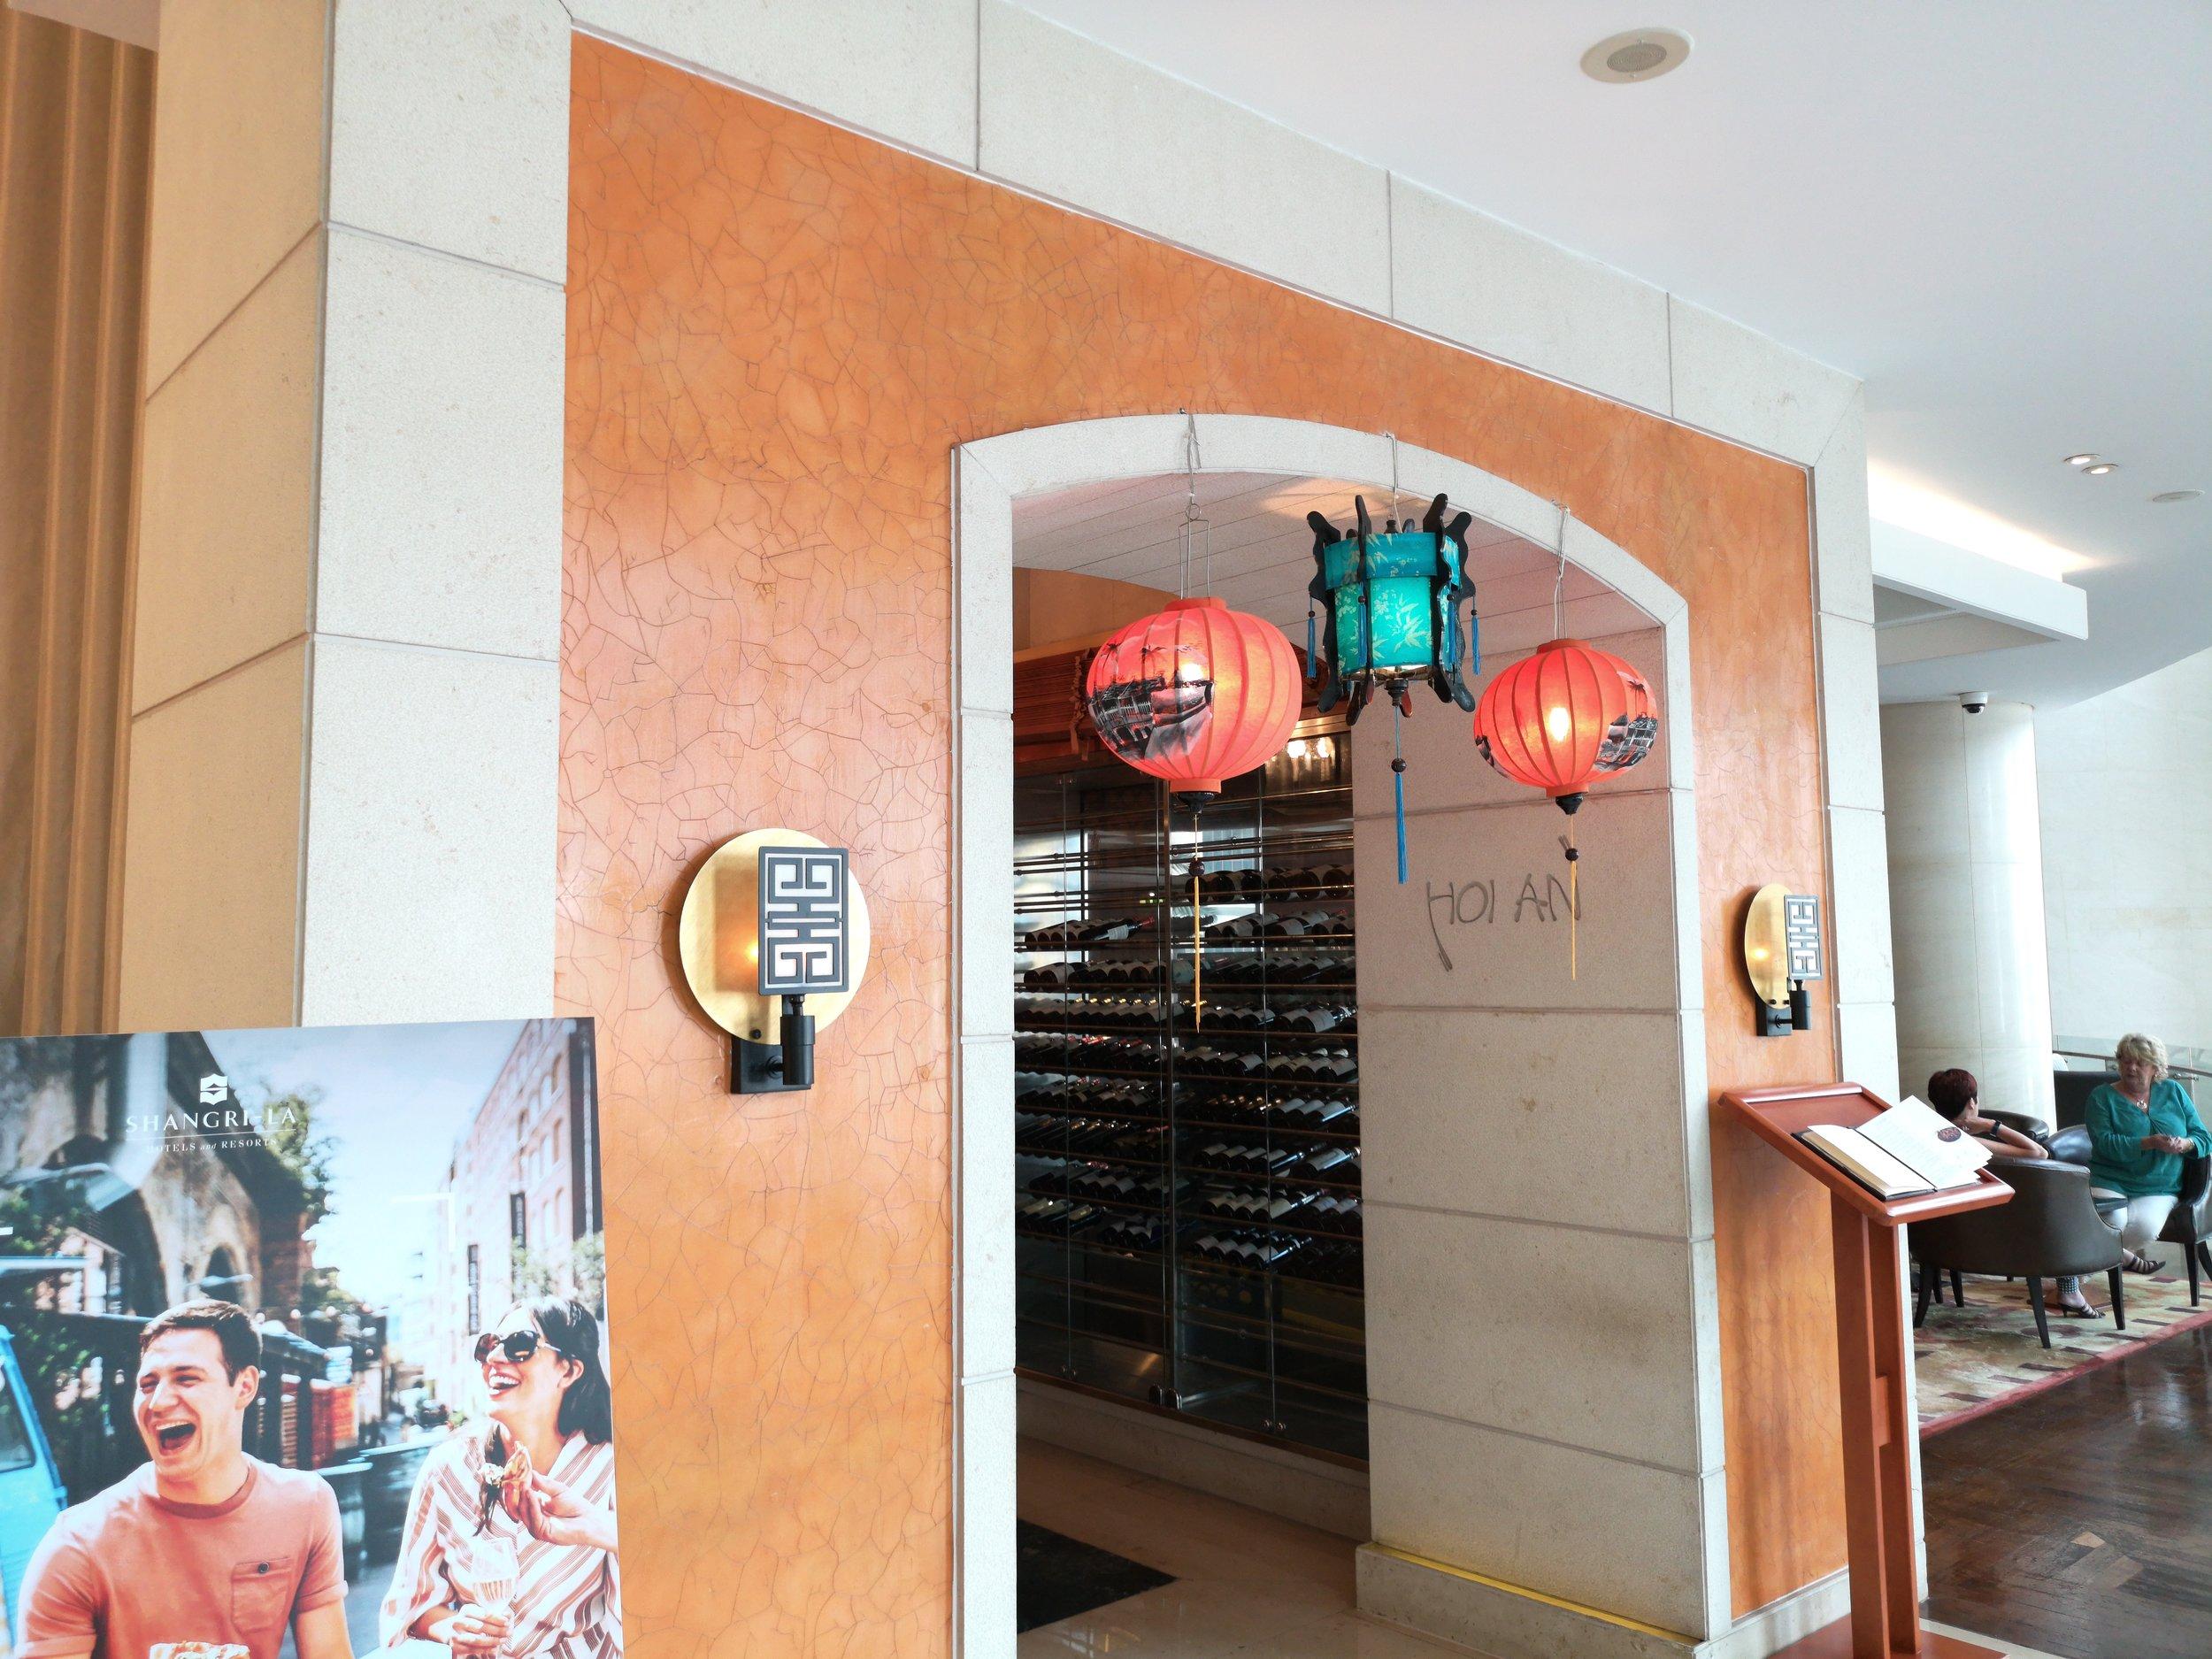 Hoi An 50 Flavours Shangri-La Dubai